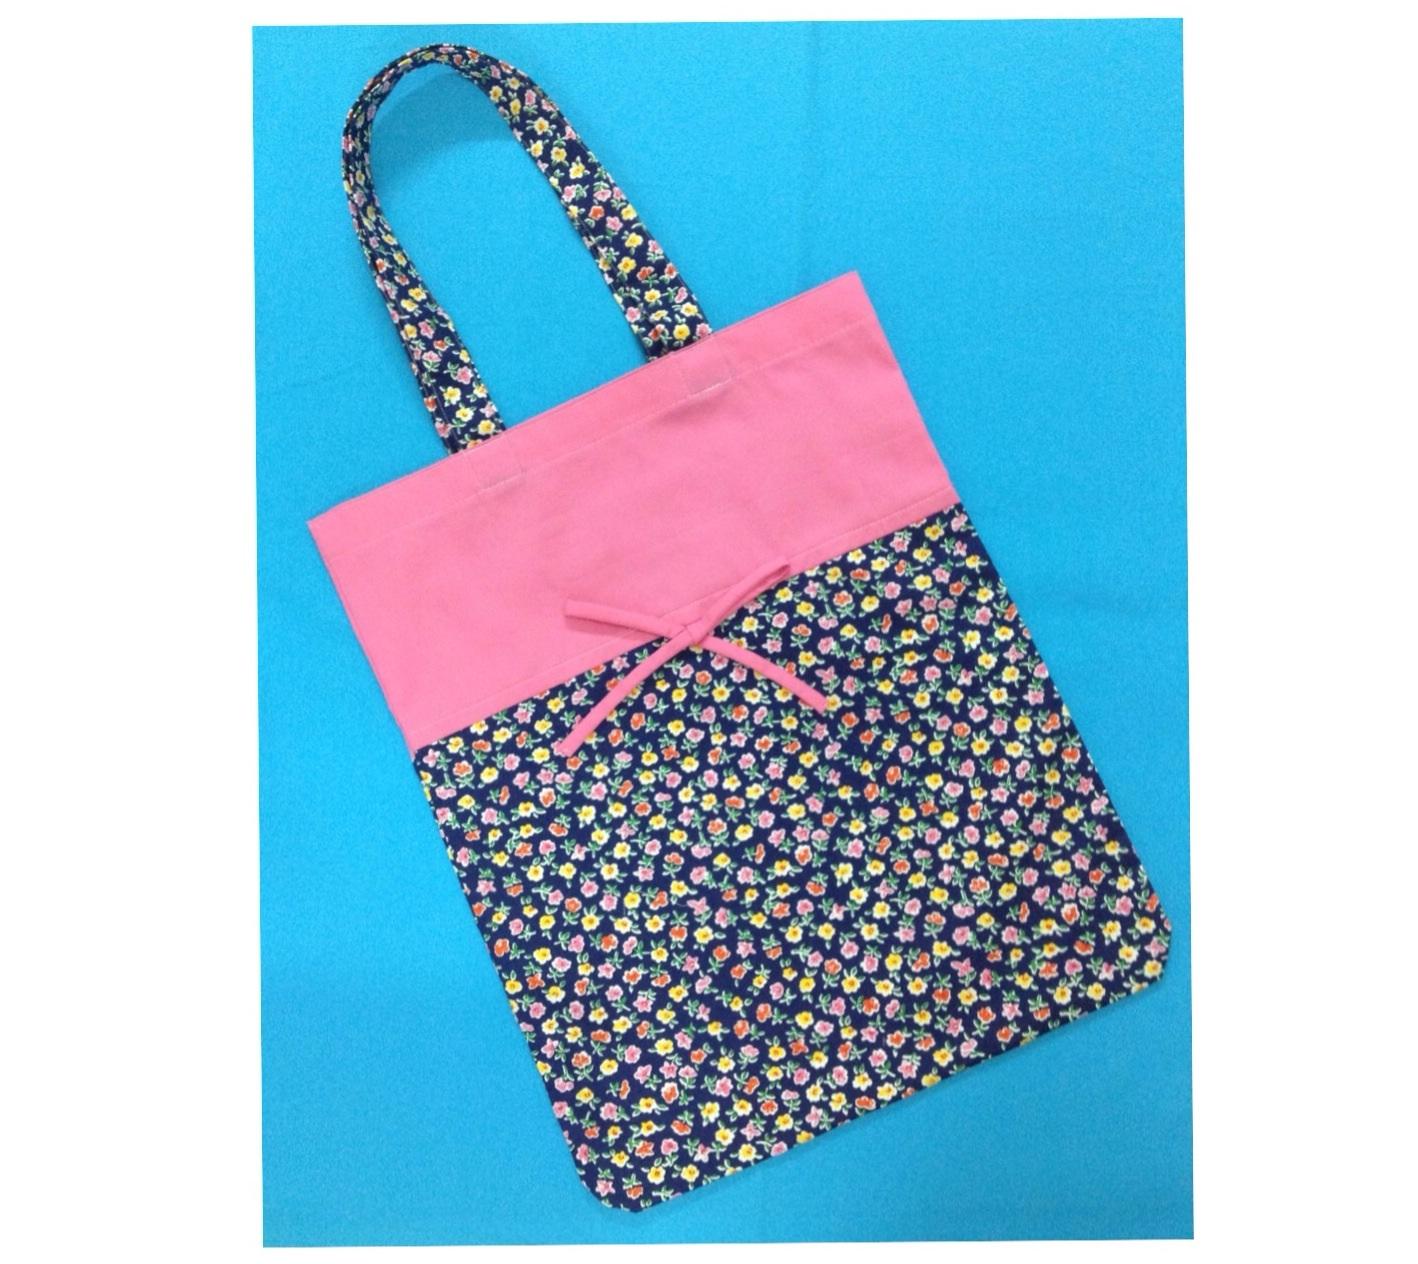 กระเป๋าผ้าTote bag สีชมพู + ลายดอกไม้บนพื้นสีกรมท่า